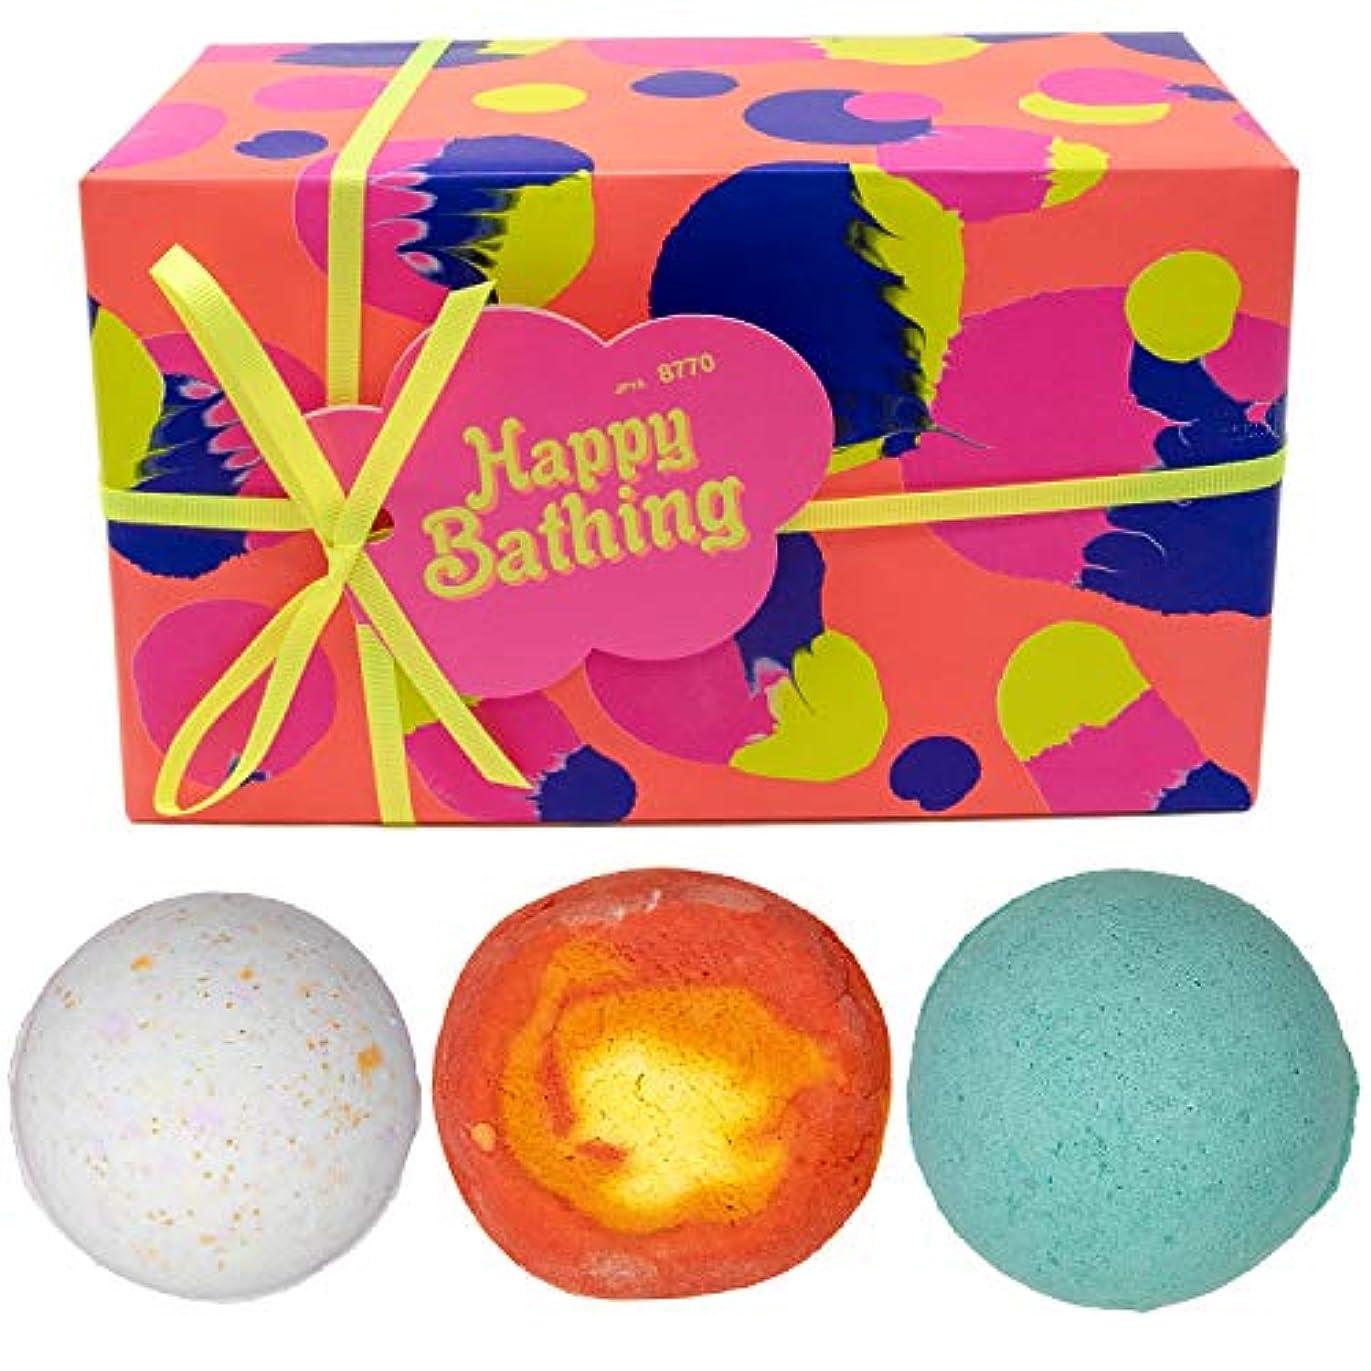 バルクフォアマン南(ラッシュ) LUSH チケット ハッピー ベイシング Happy Bathing ギフトセット ショップバッグ付き バスボム 入浴剤 セット